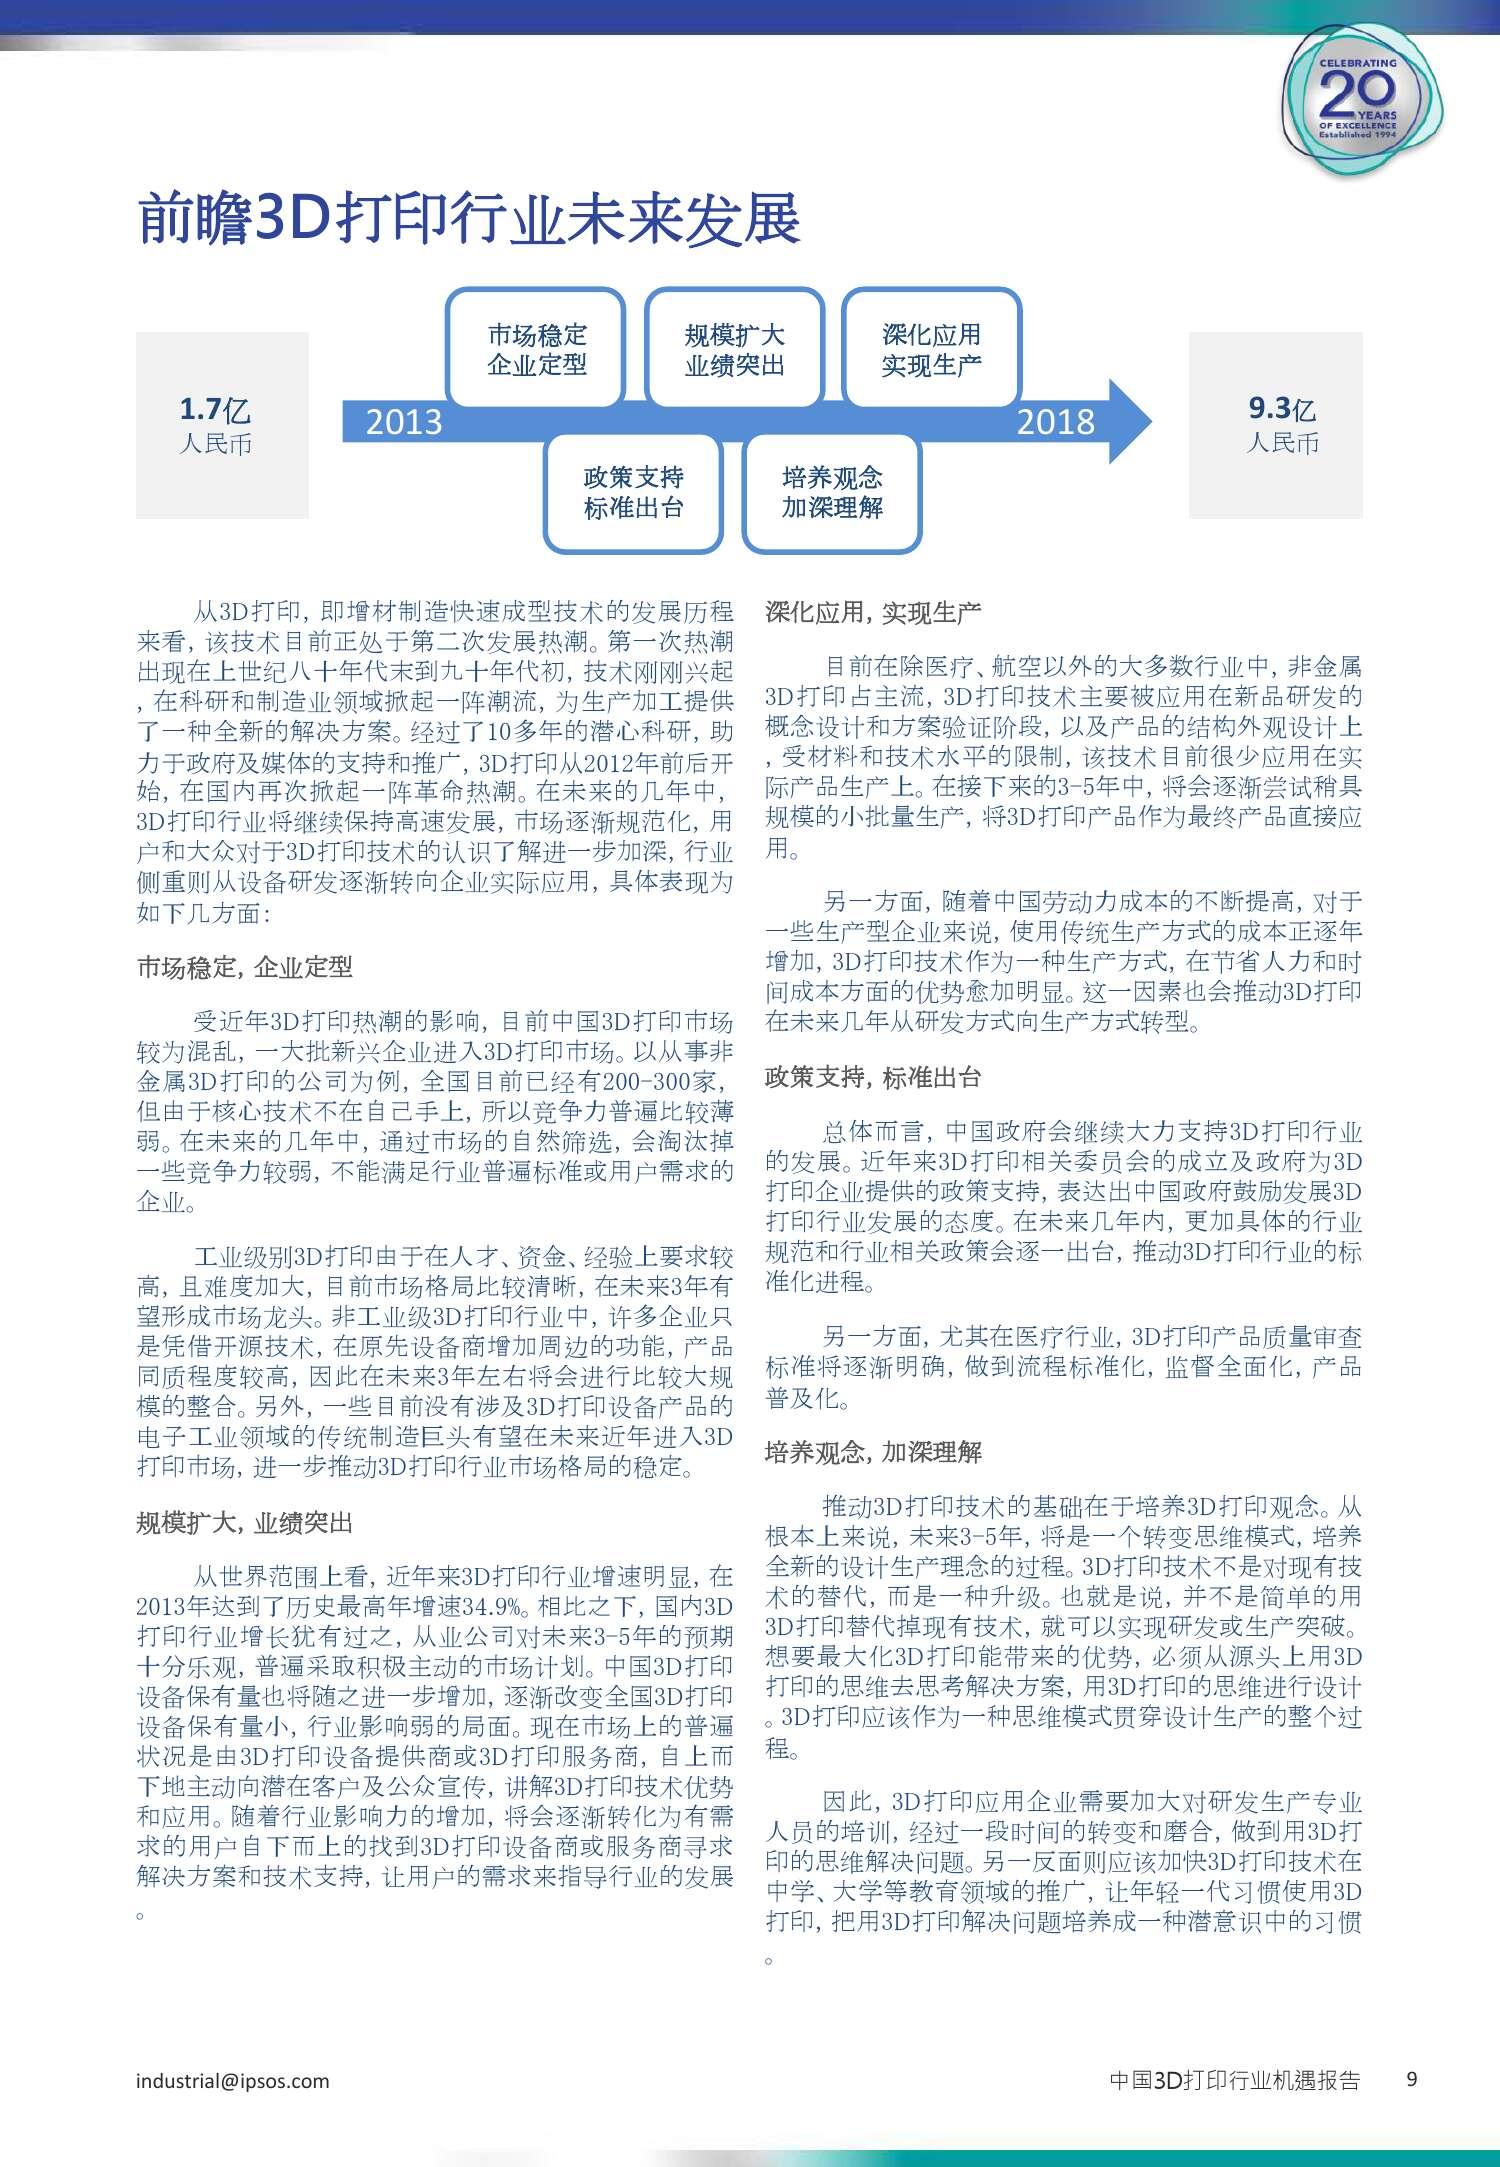 3D打印行业机遇报告_000009